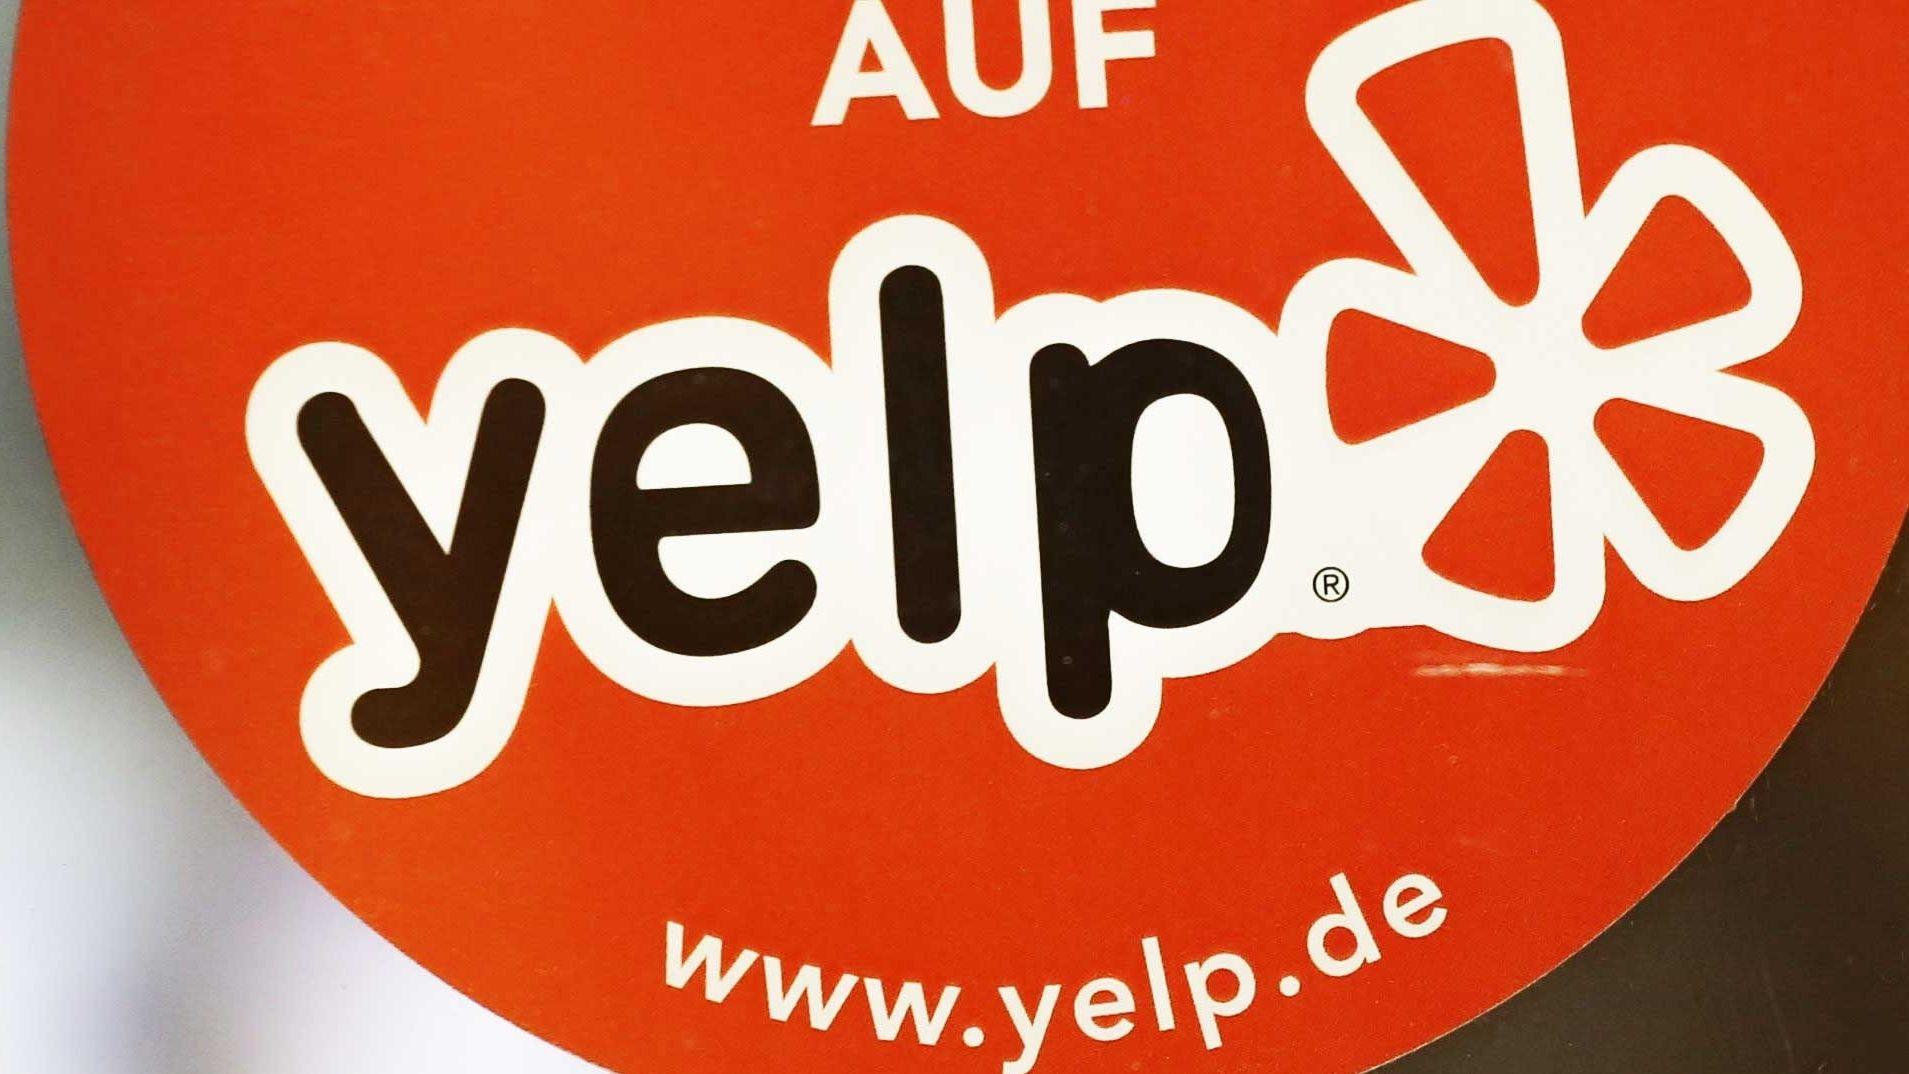 Logo des Bewertungsportals Yelp